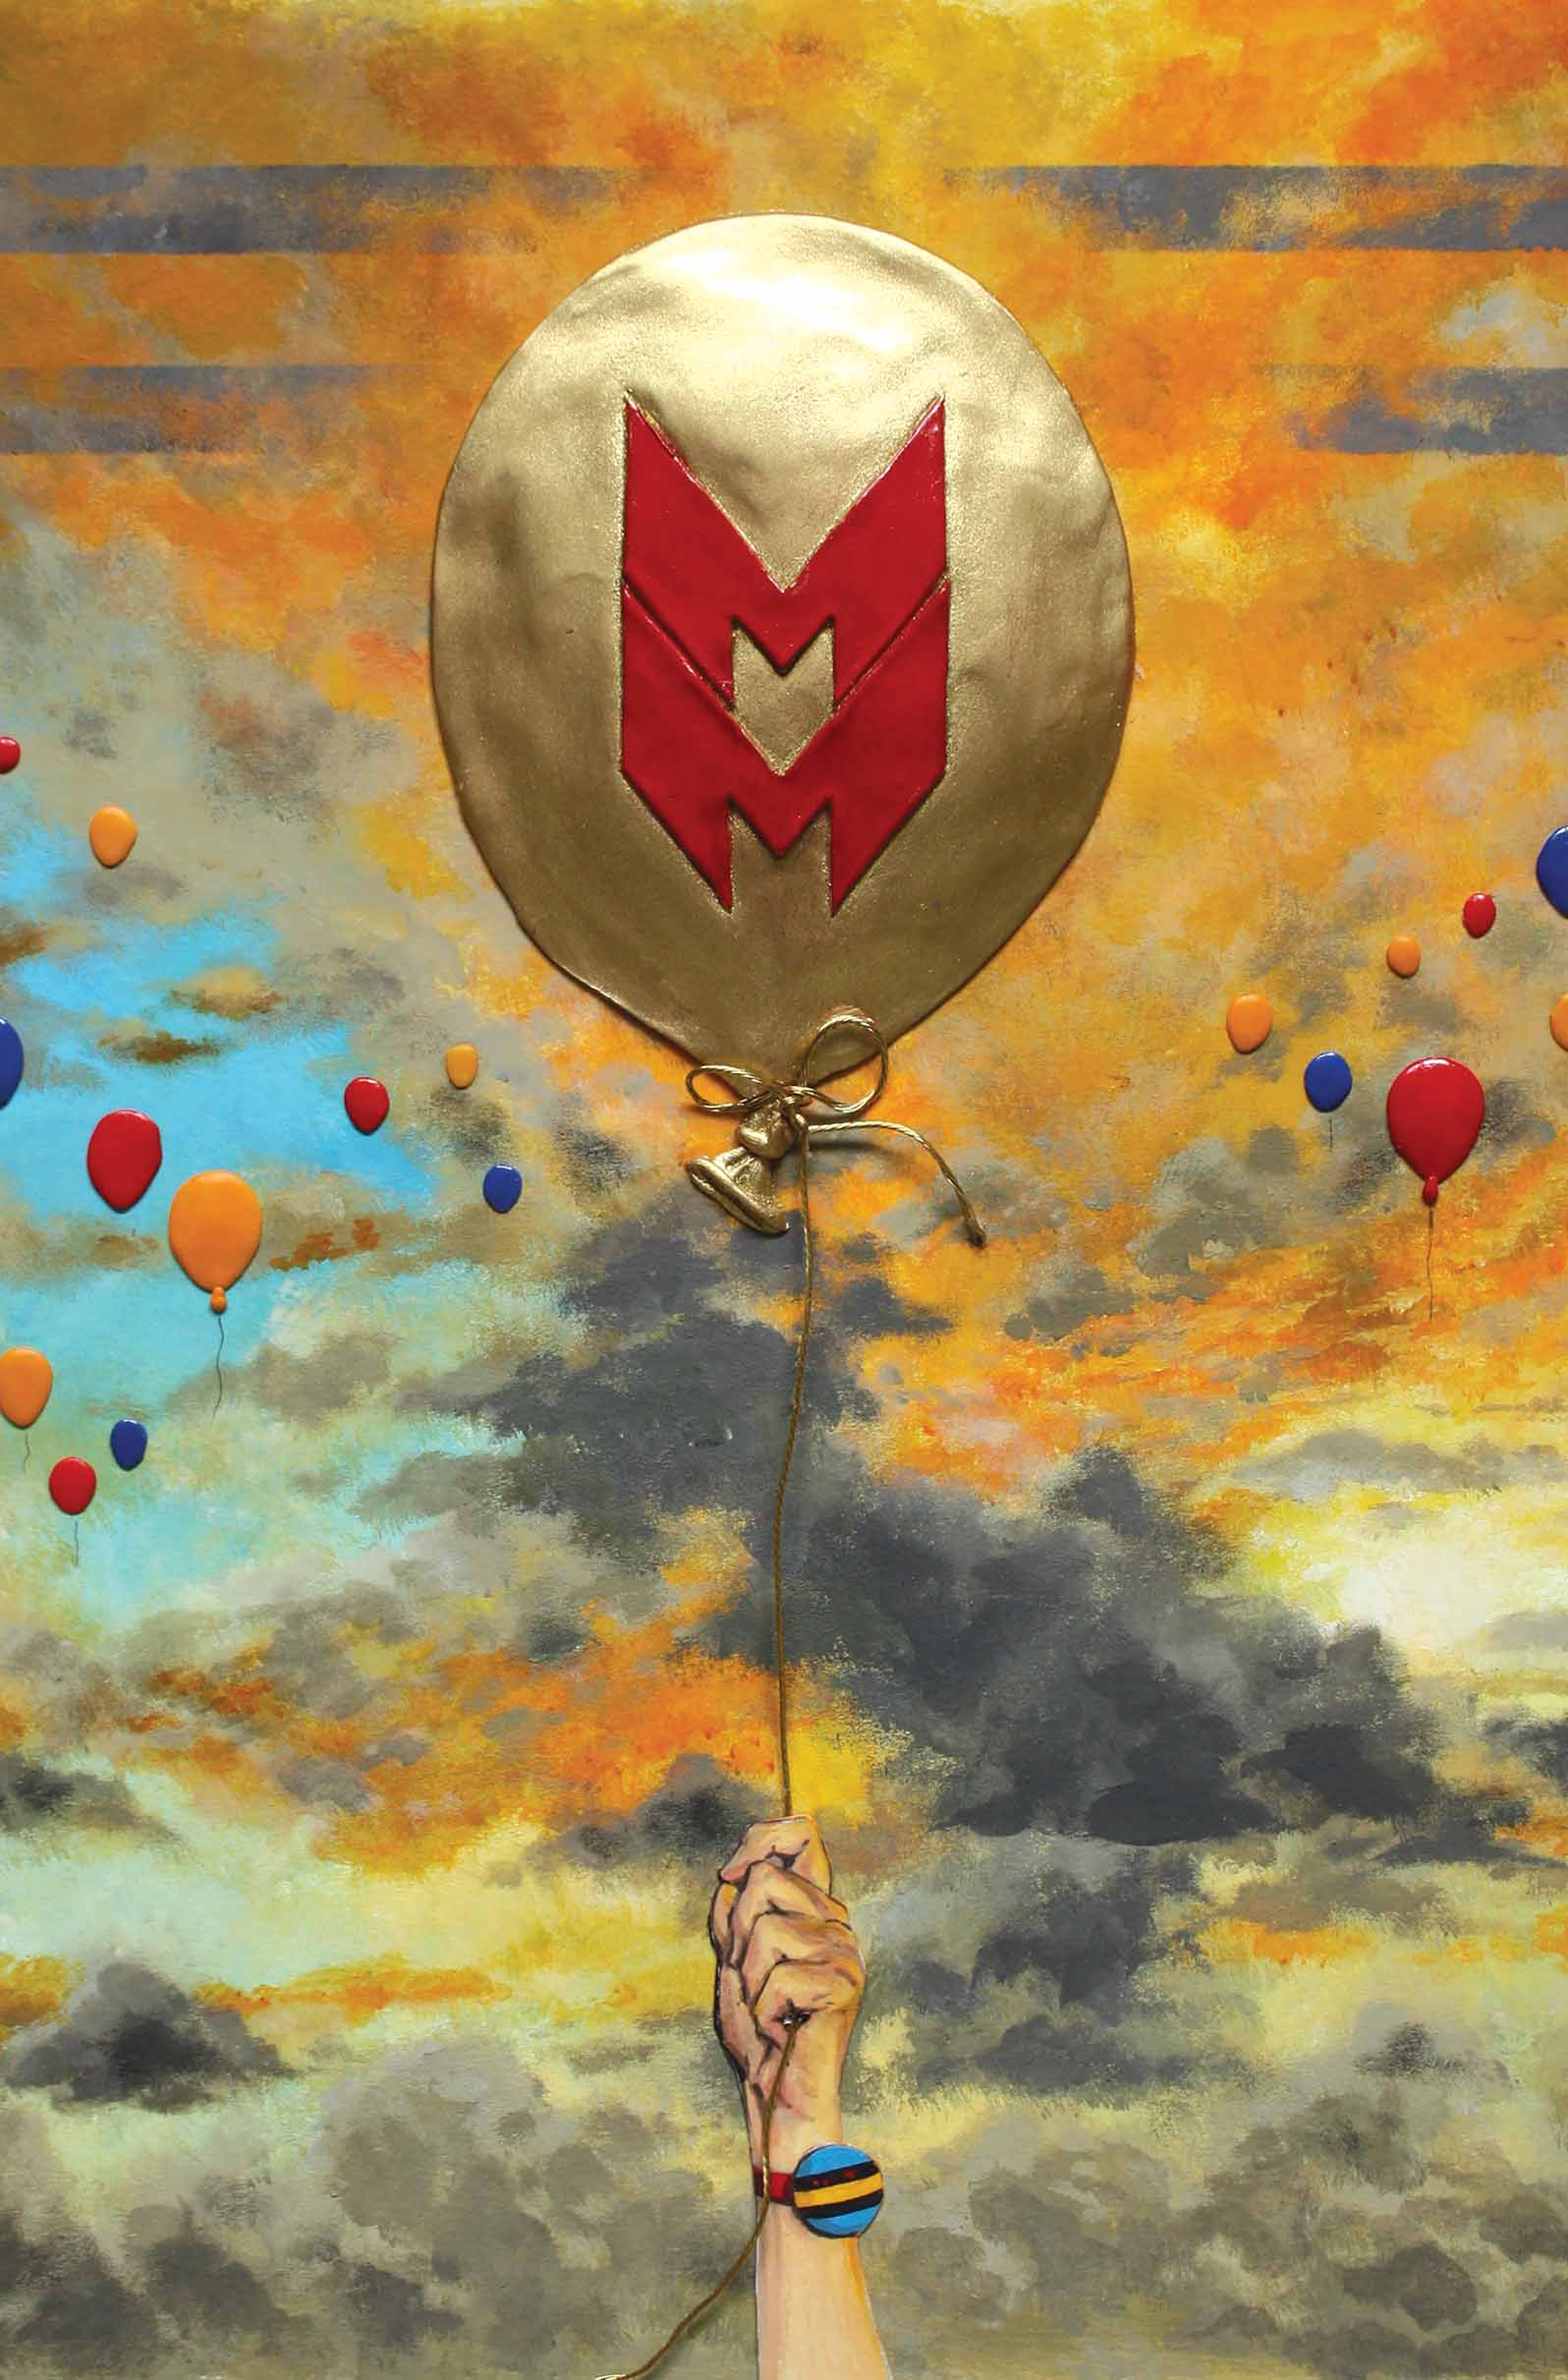 MIRACLEMAN2015006CVR